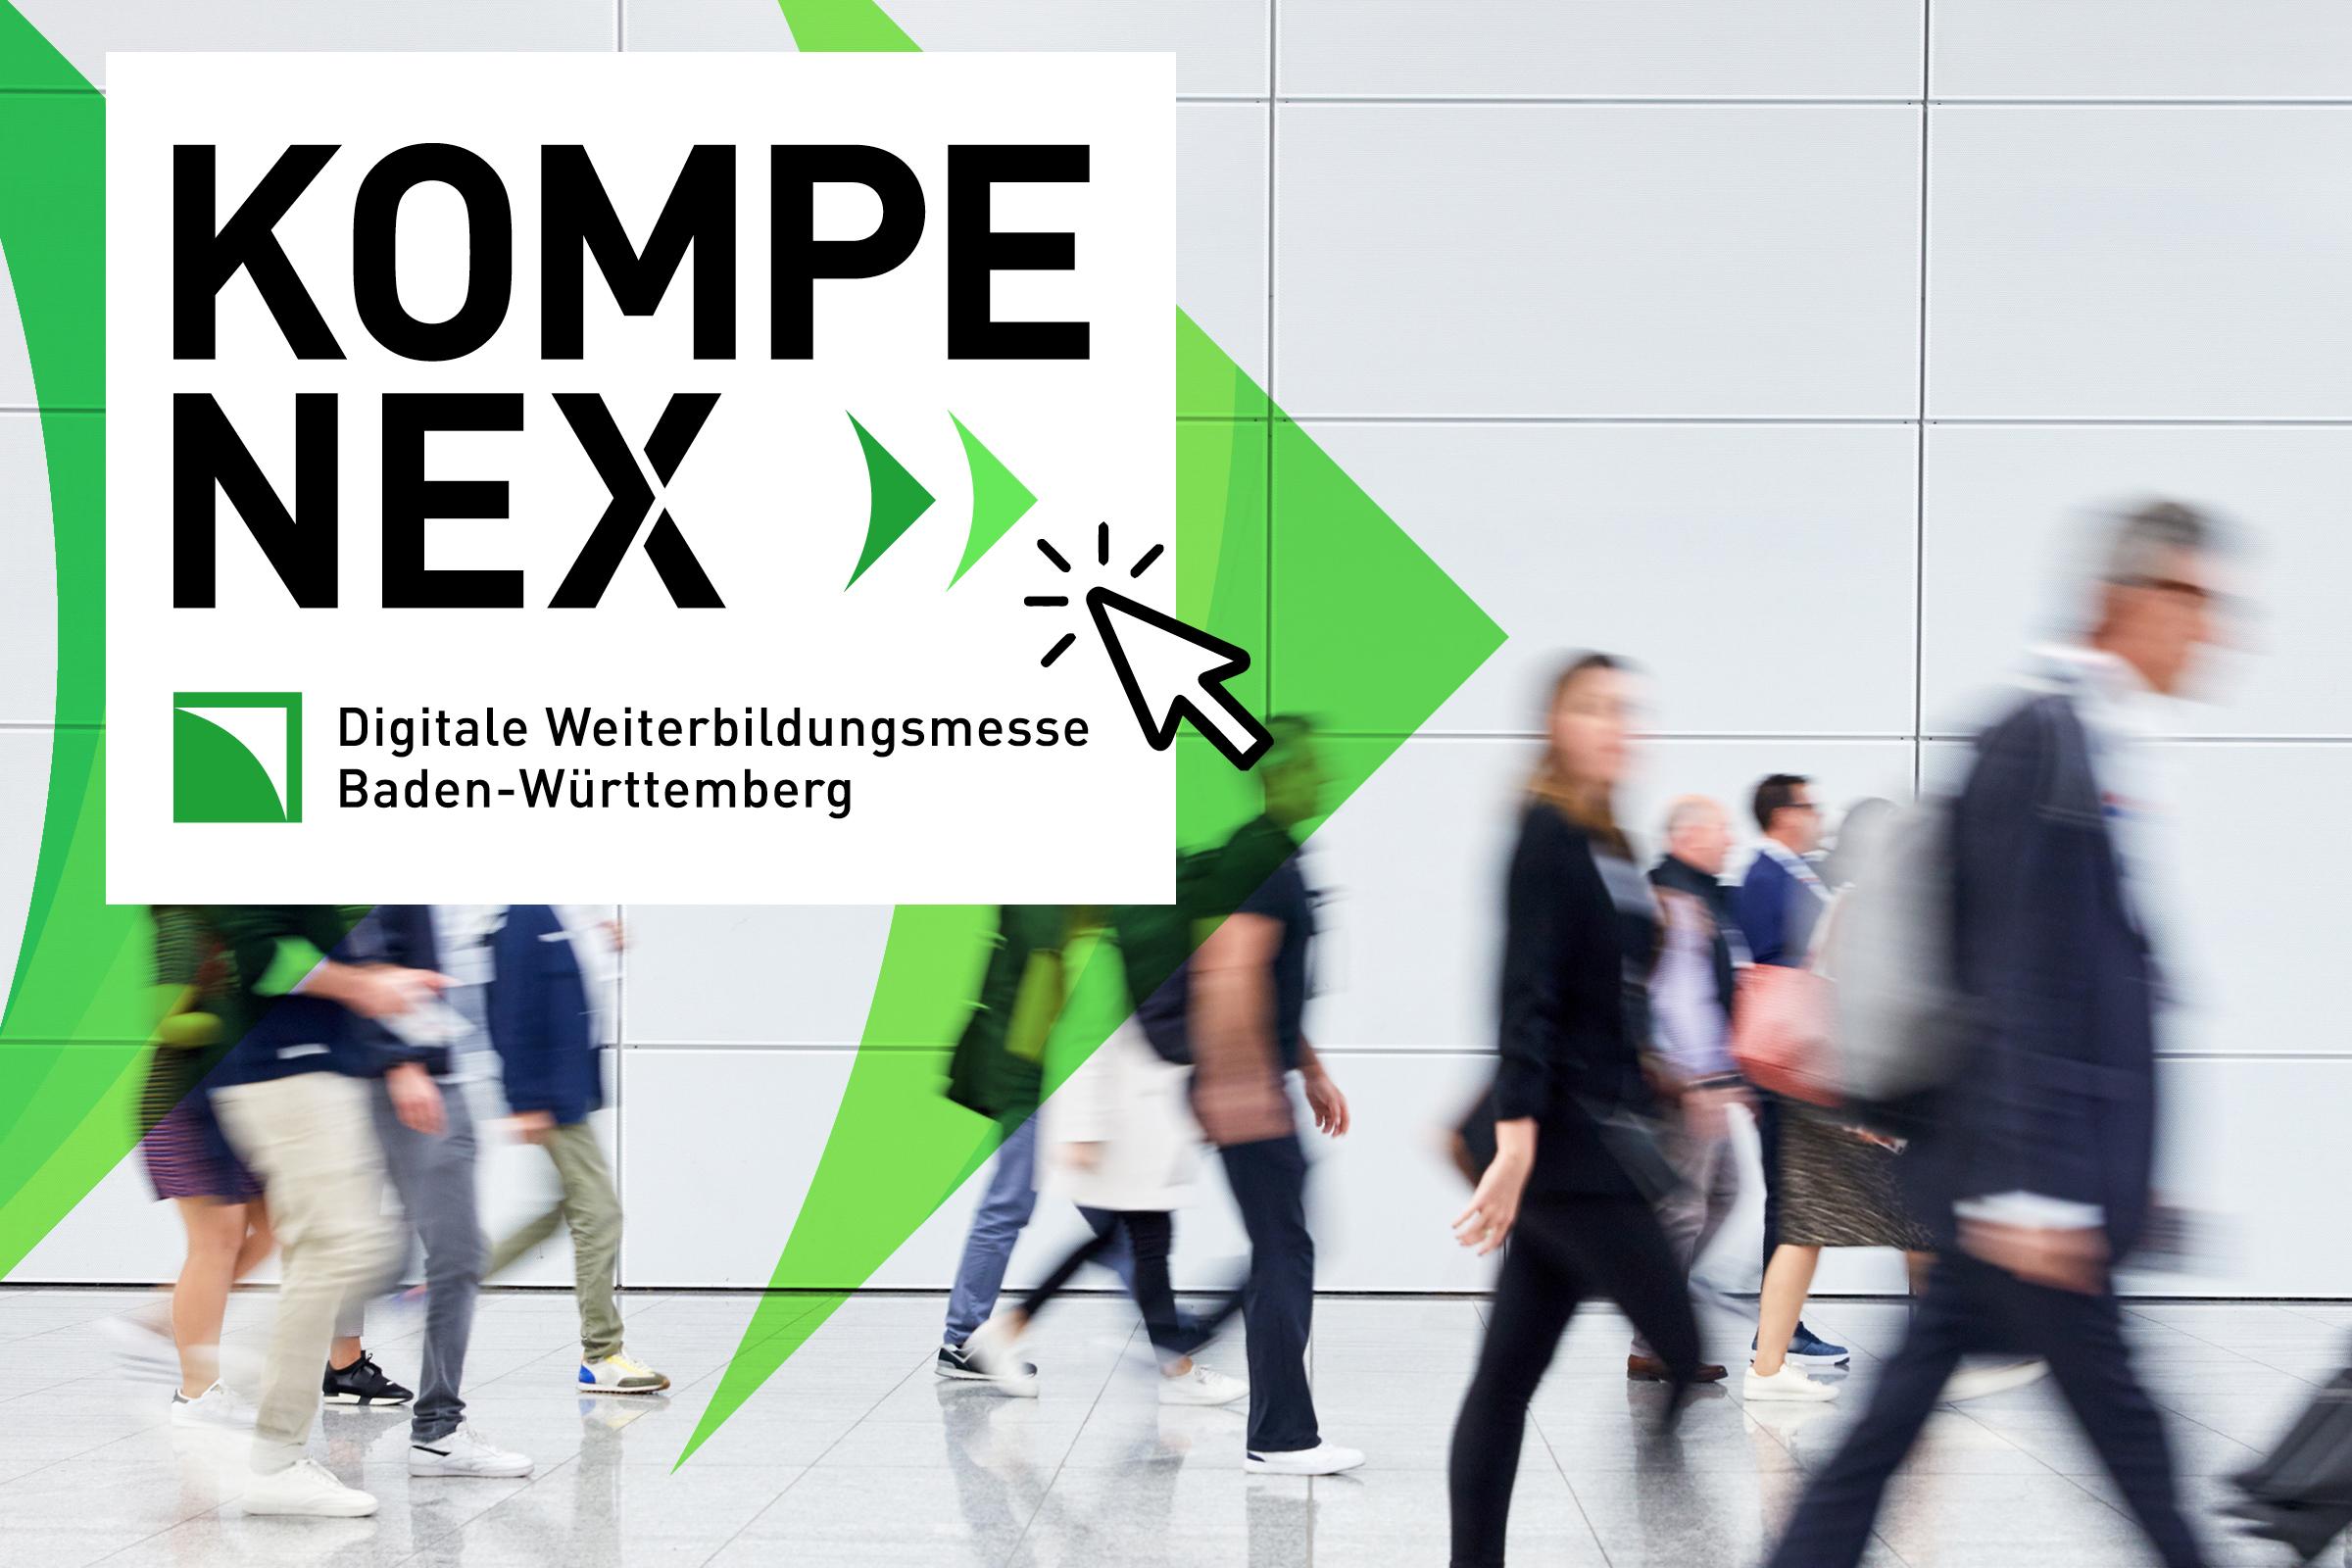 Kompenex – Digitale Weiterbildungsmesse BW